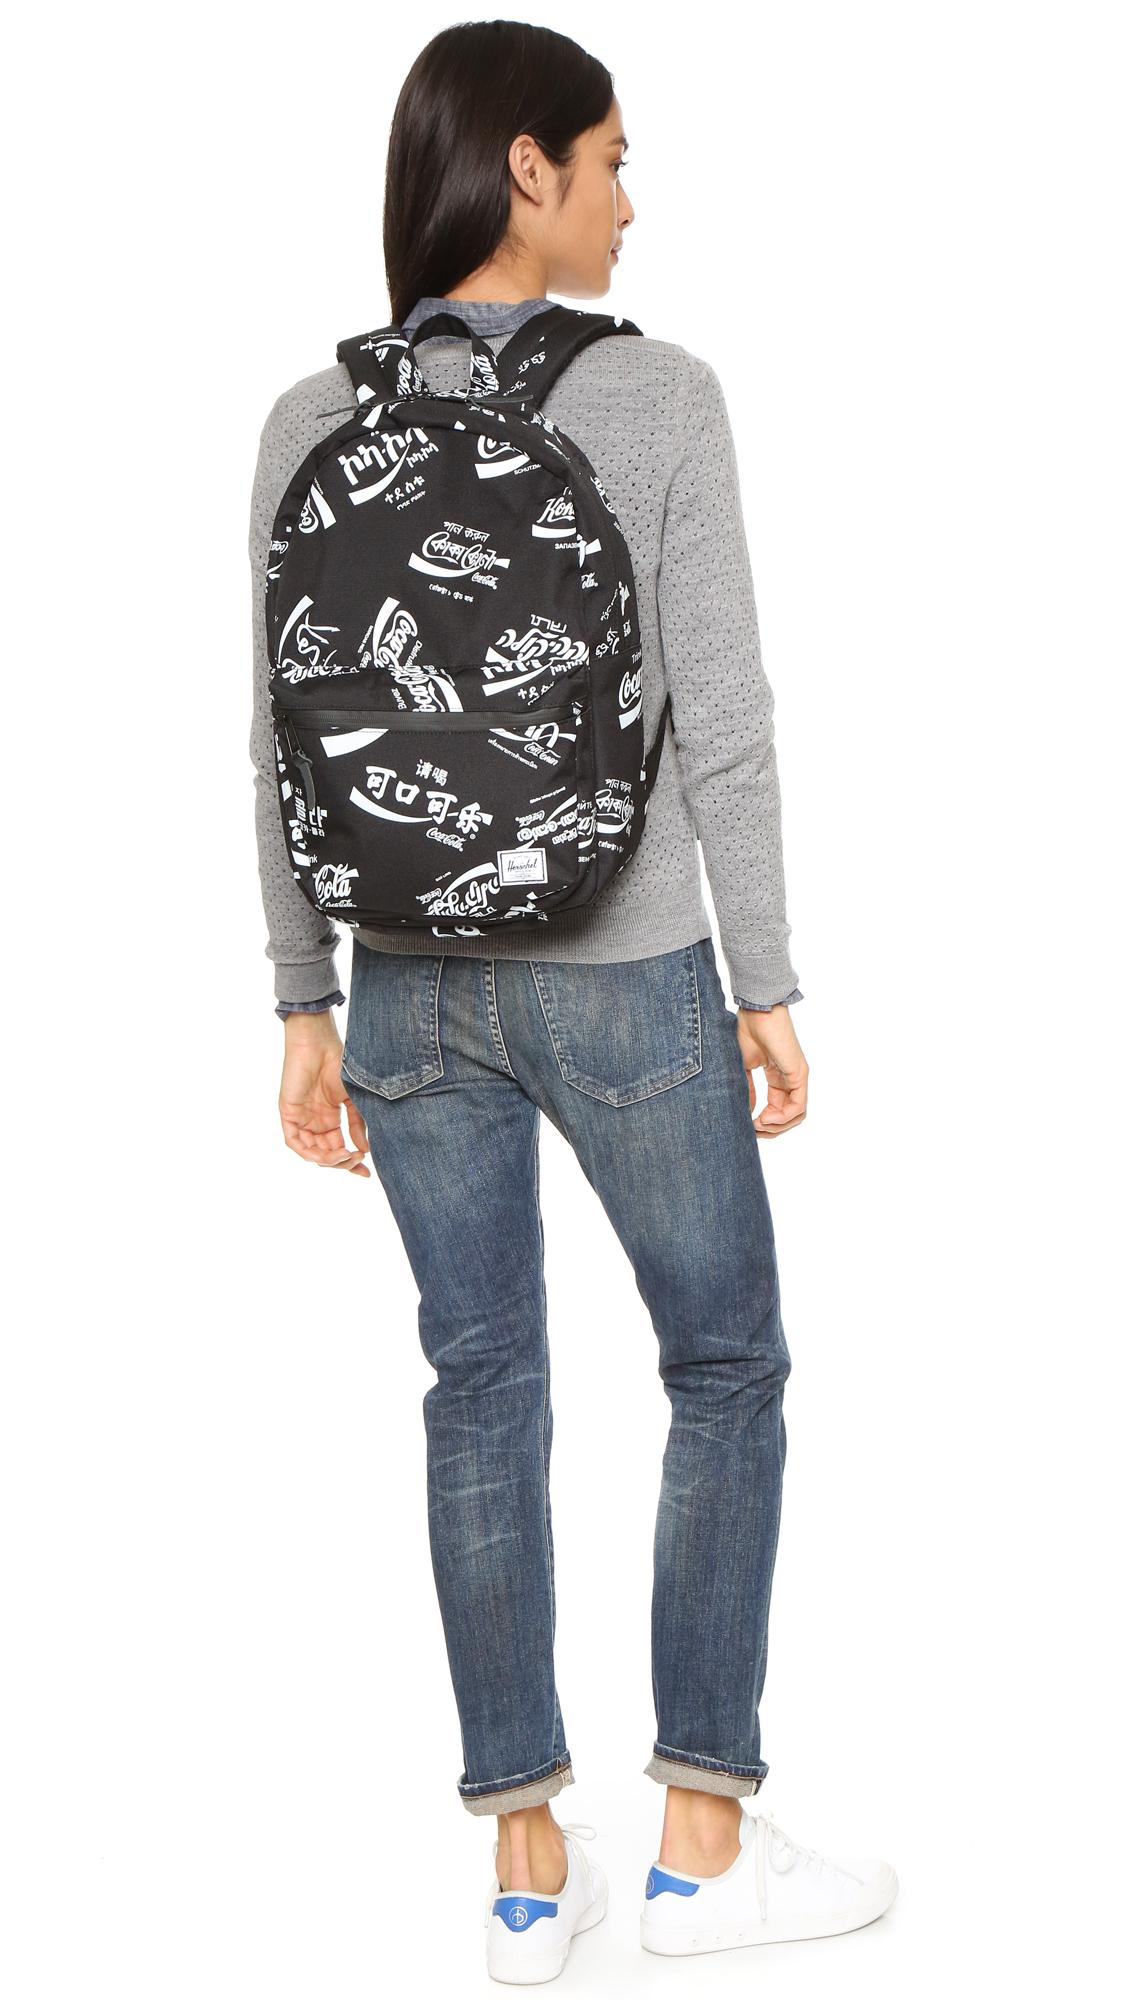 dec07d18fbd Lyst - Herschel Supply Co. Coca Cola X Herschel Lawson Backpack in Black